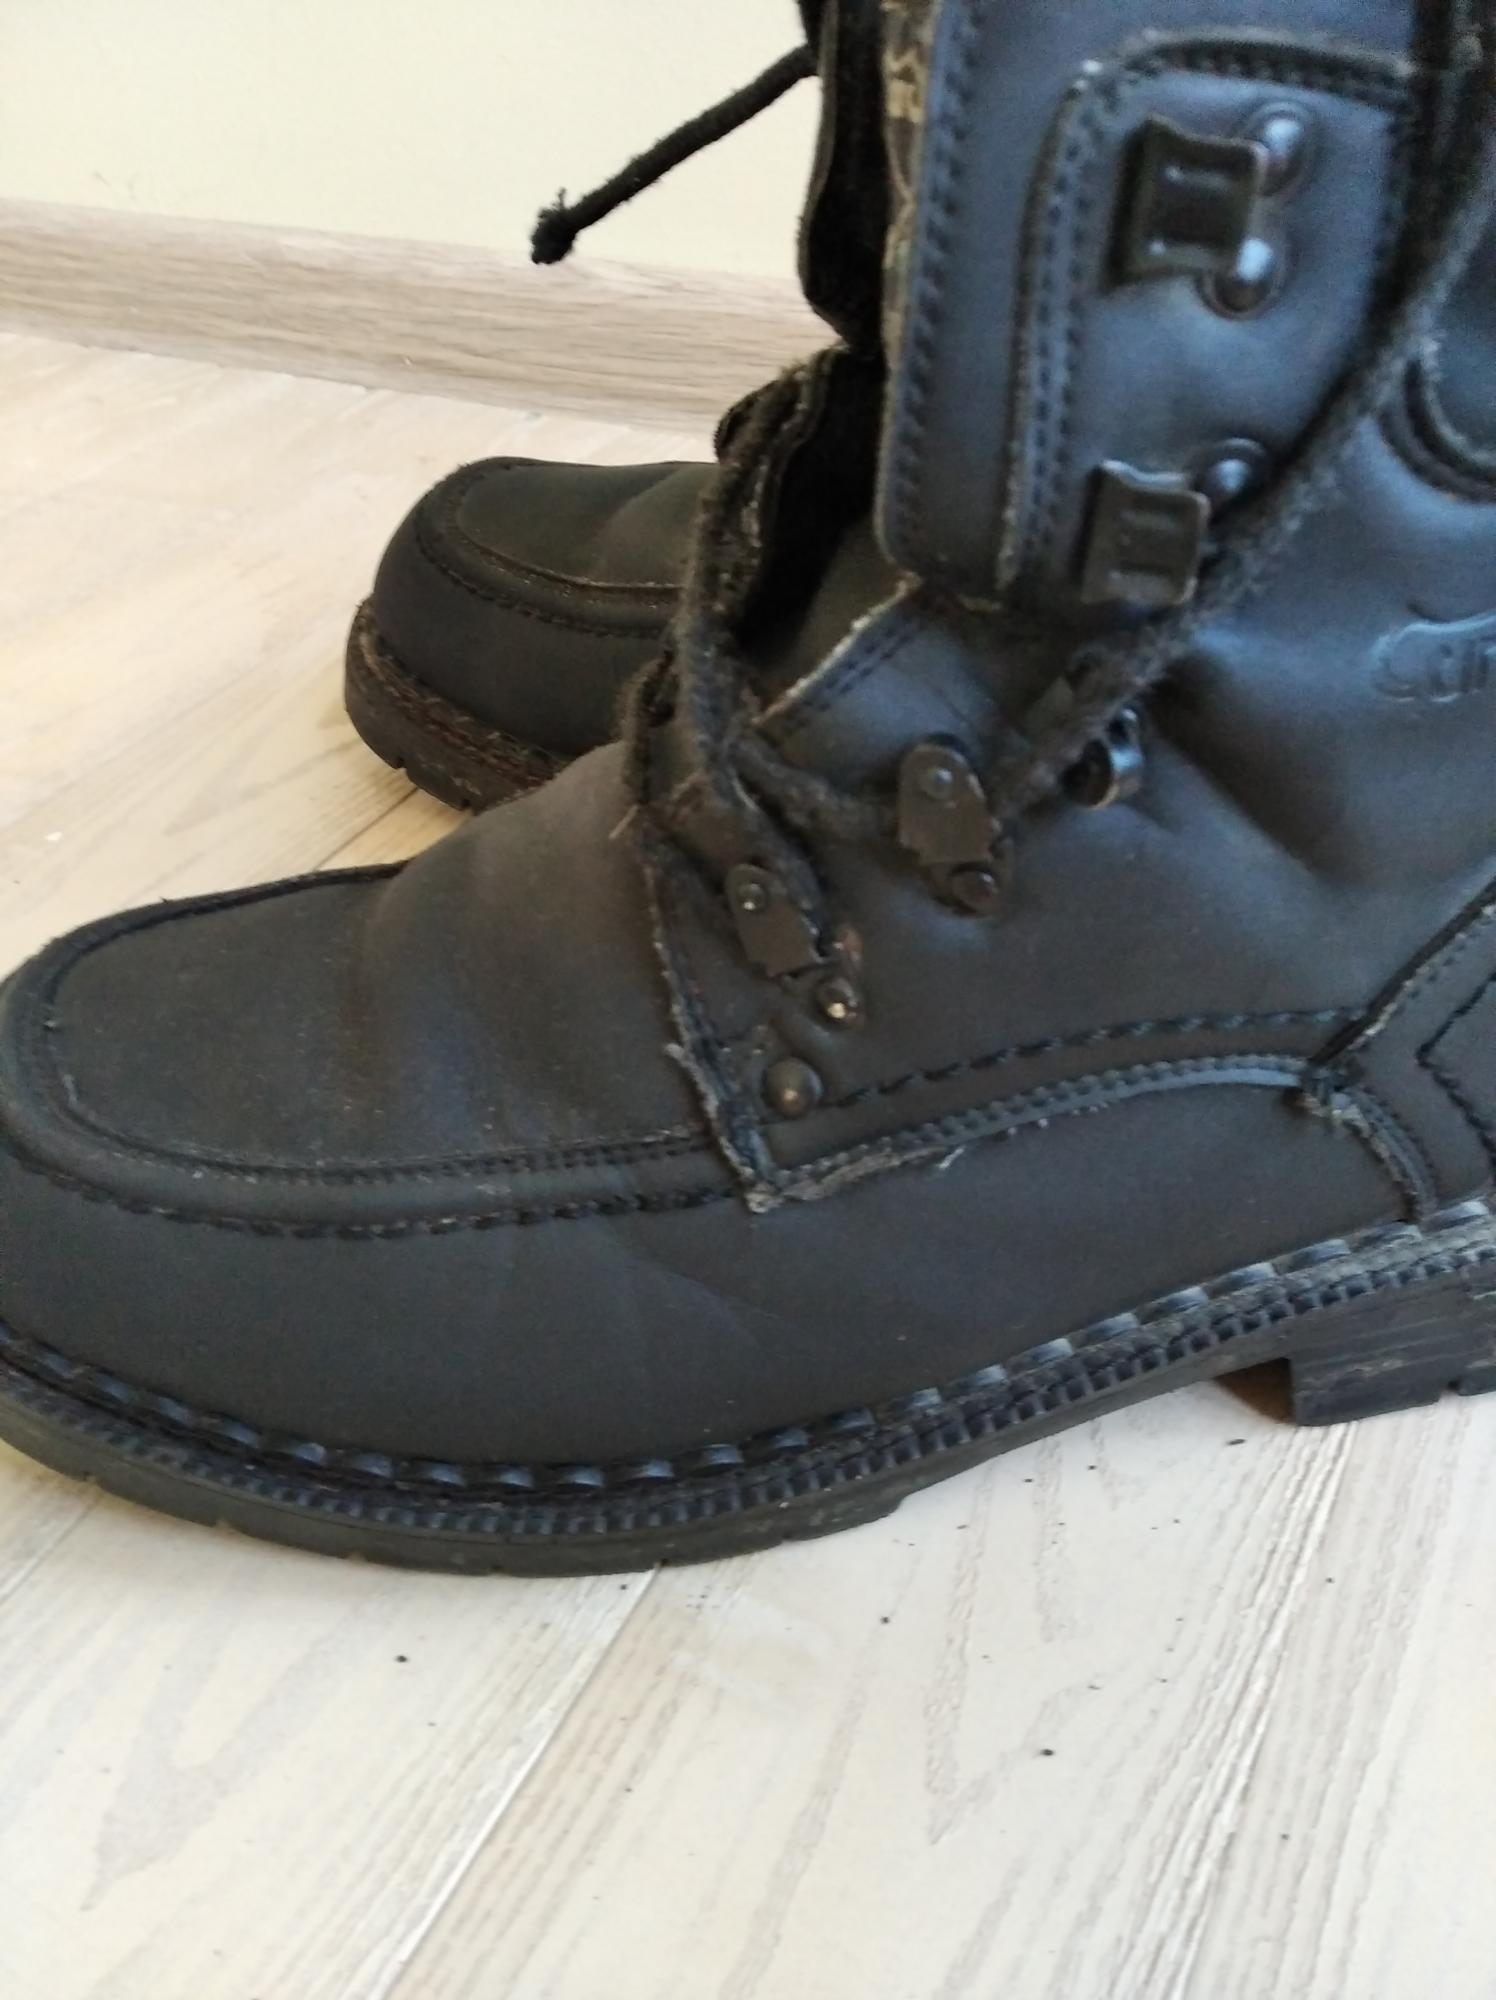 Ботинки в Тюмени 89088740737 купить 1